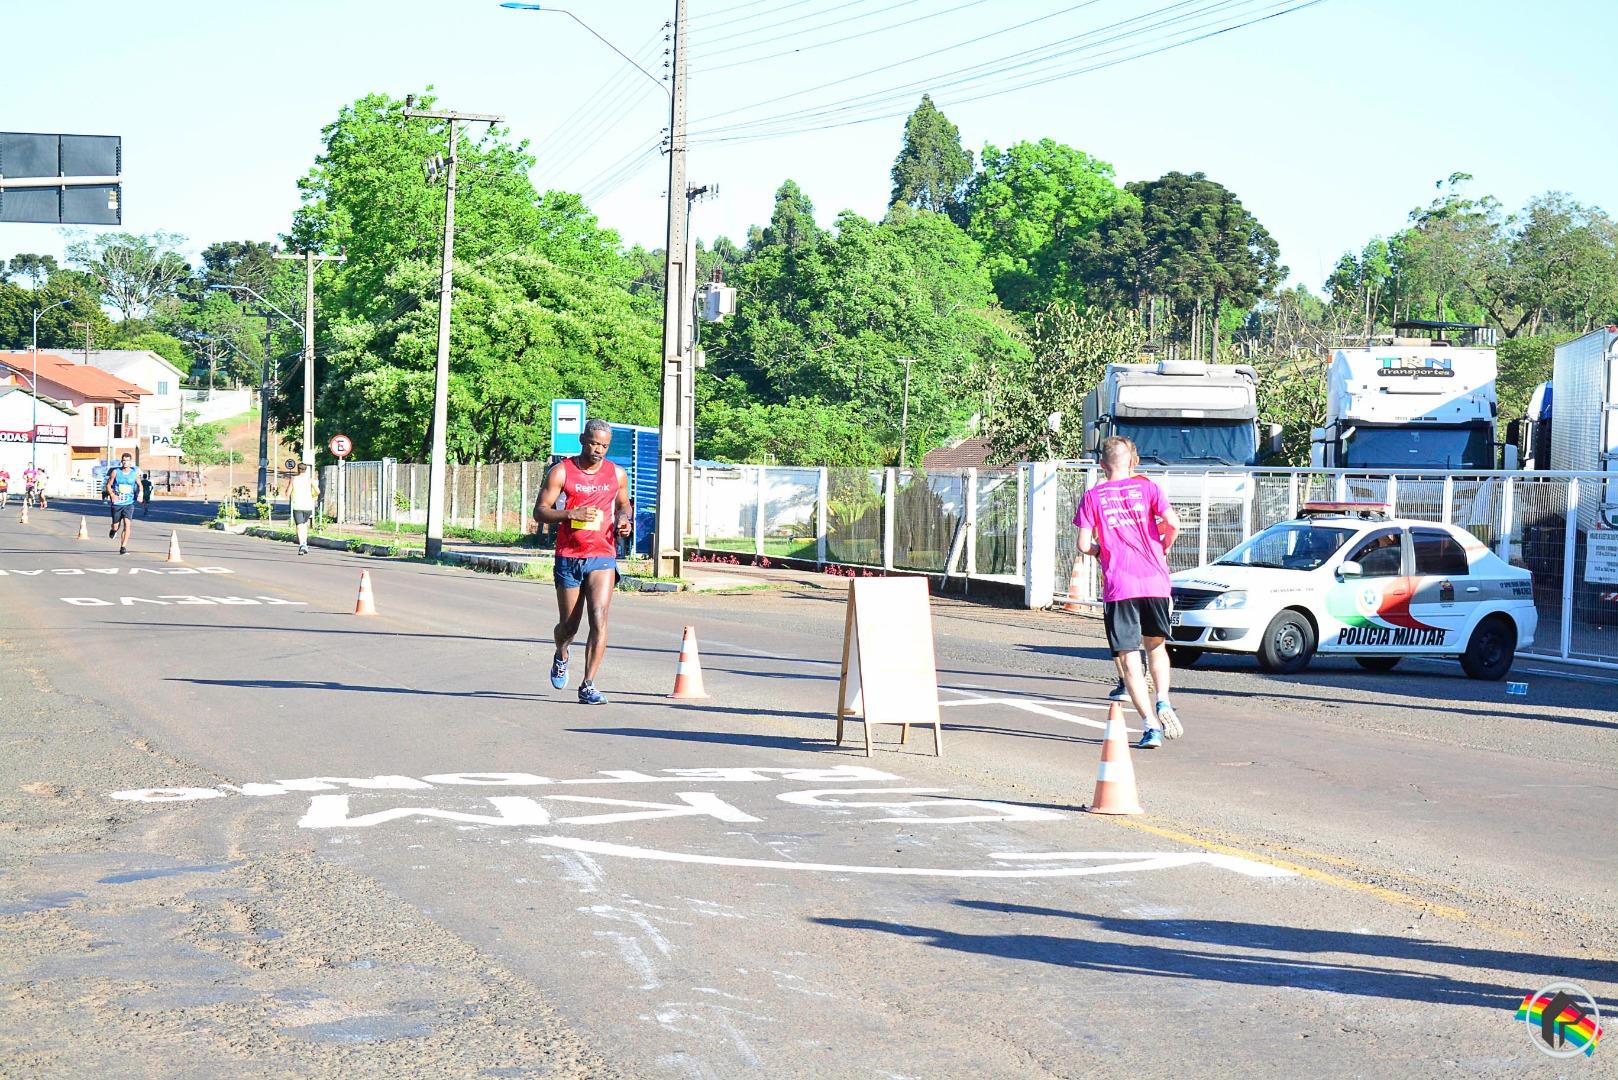 Centenas de atletas participam da etapa de SMOeste do Circuito de Corridas Unimed